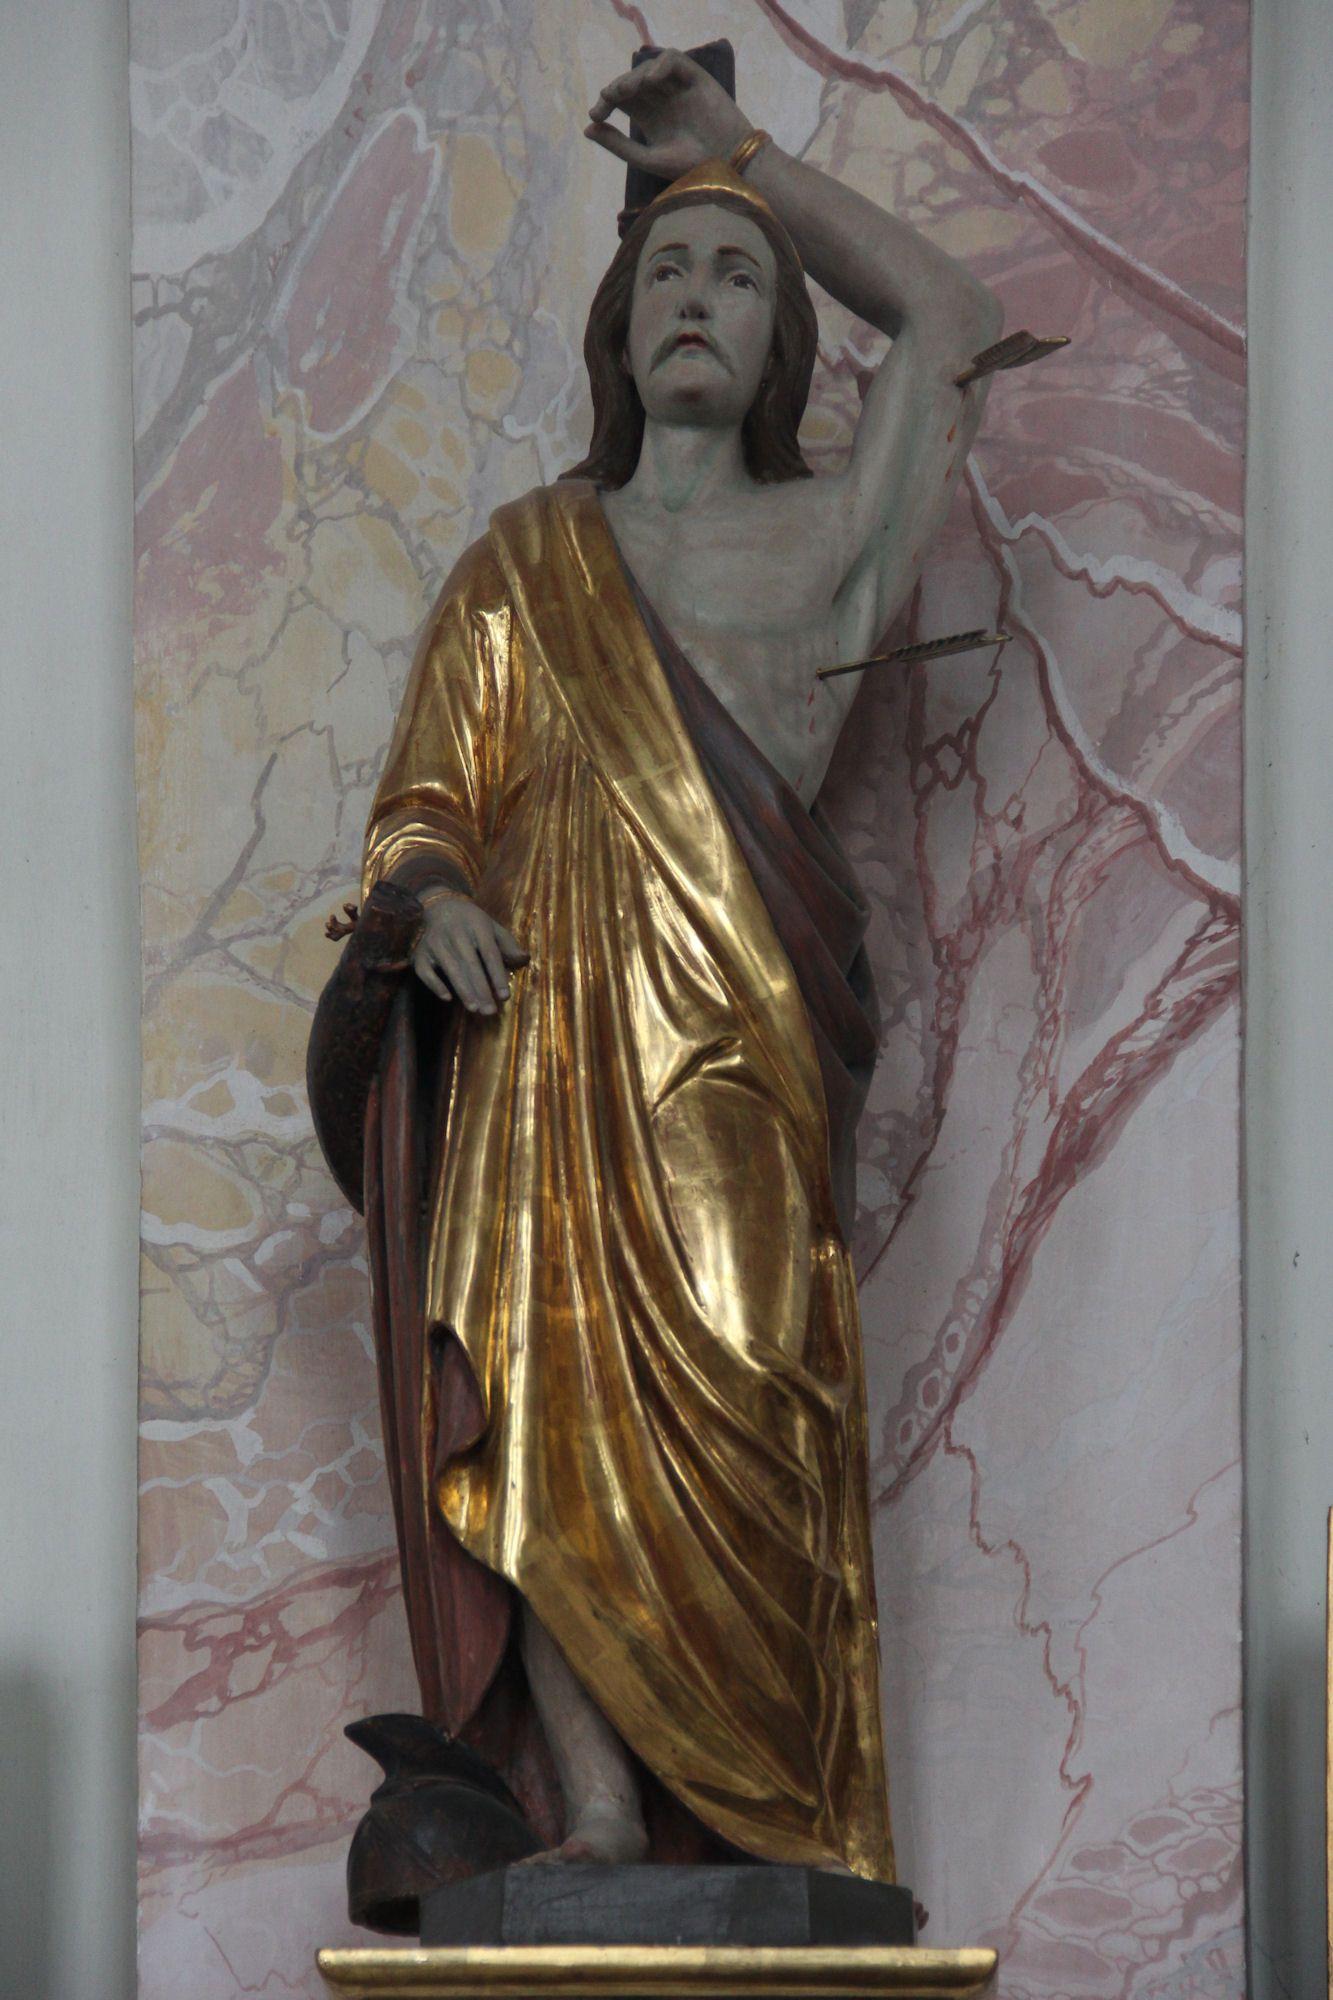 Anonyme, Statue des heiligen Sebastian, Romisch-katholische Pfarrkirche St. Peter und Paul in Benningen im Landkreis Unterallgau, Bayern, Duitsland